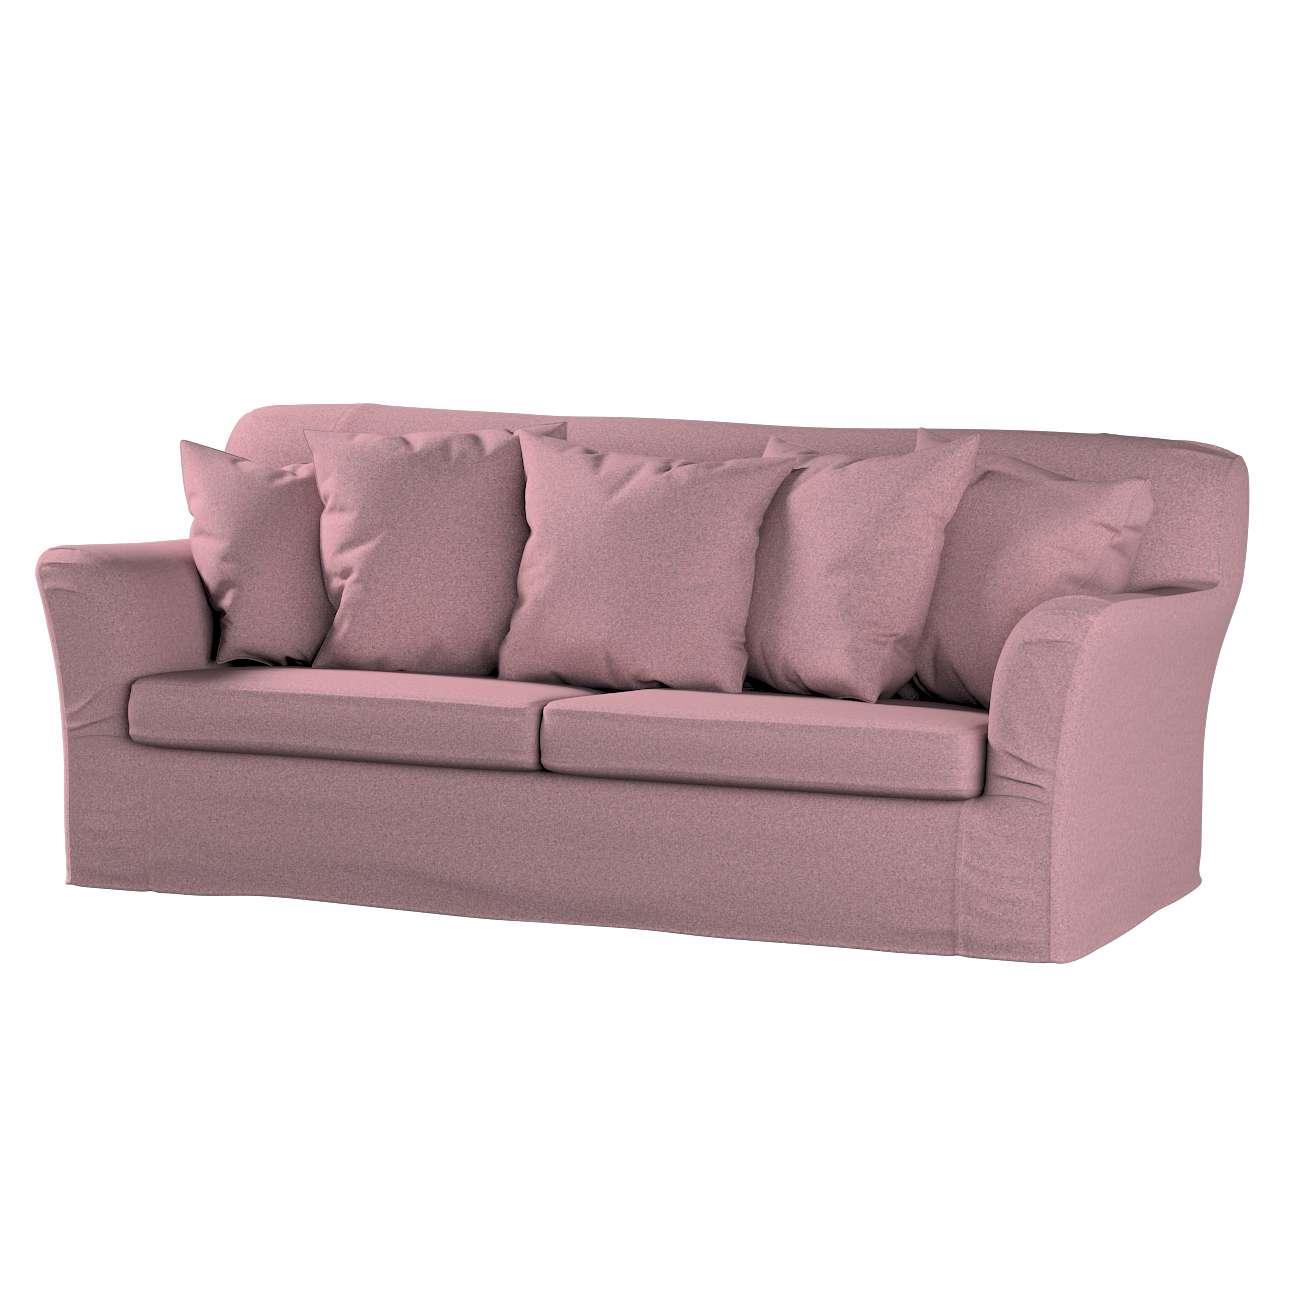 Pokrowiec na sofę Tomelilla 3-osobową rozkładaną w kolekcji Amsterdam, tkanina: 704-48